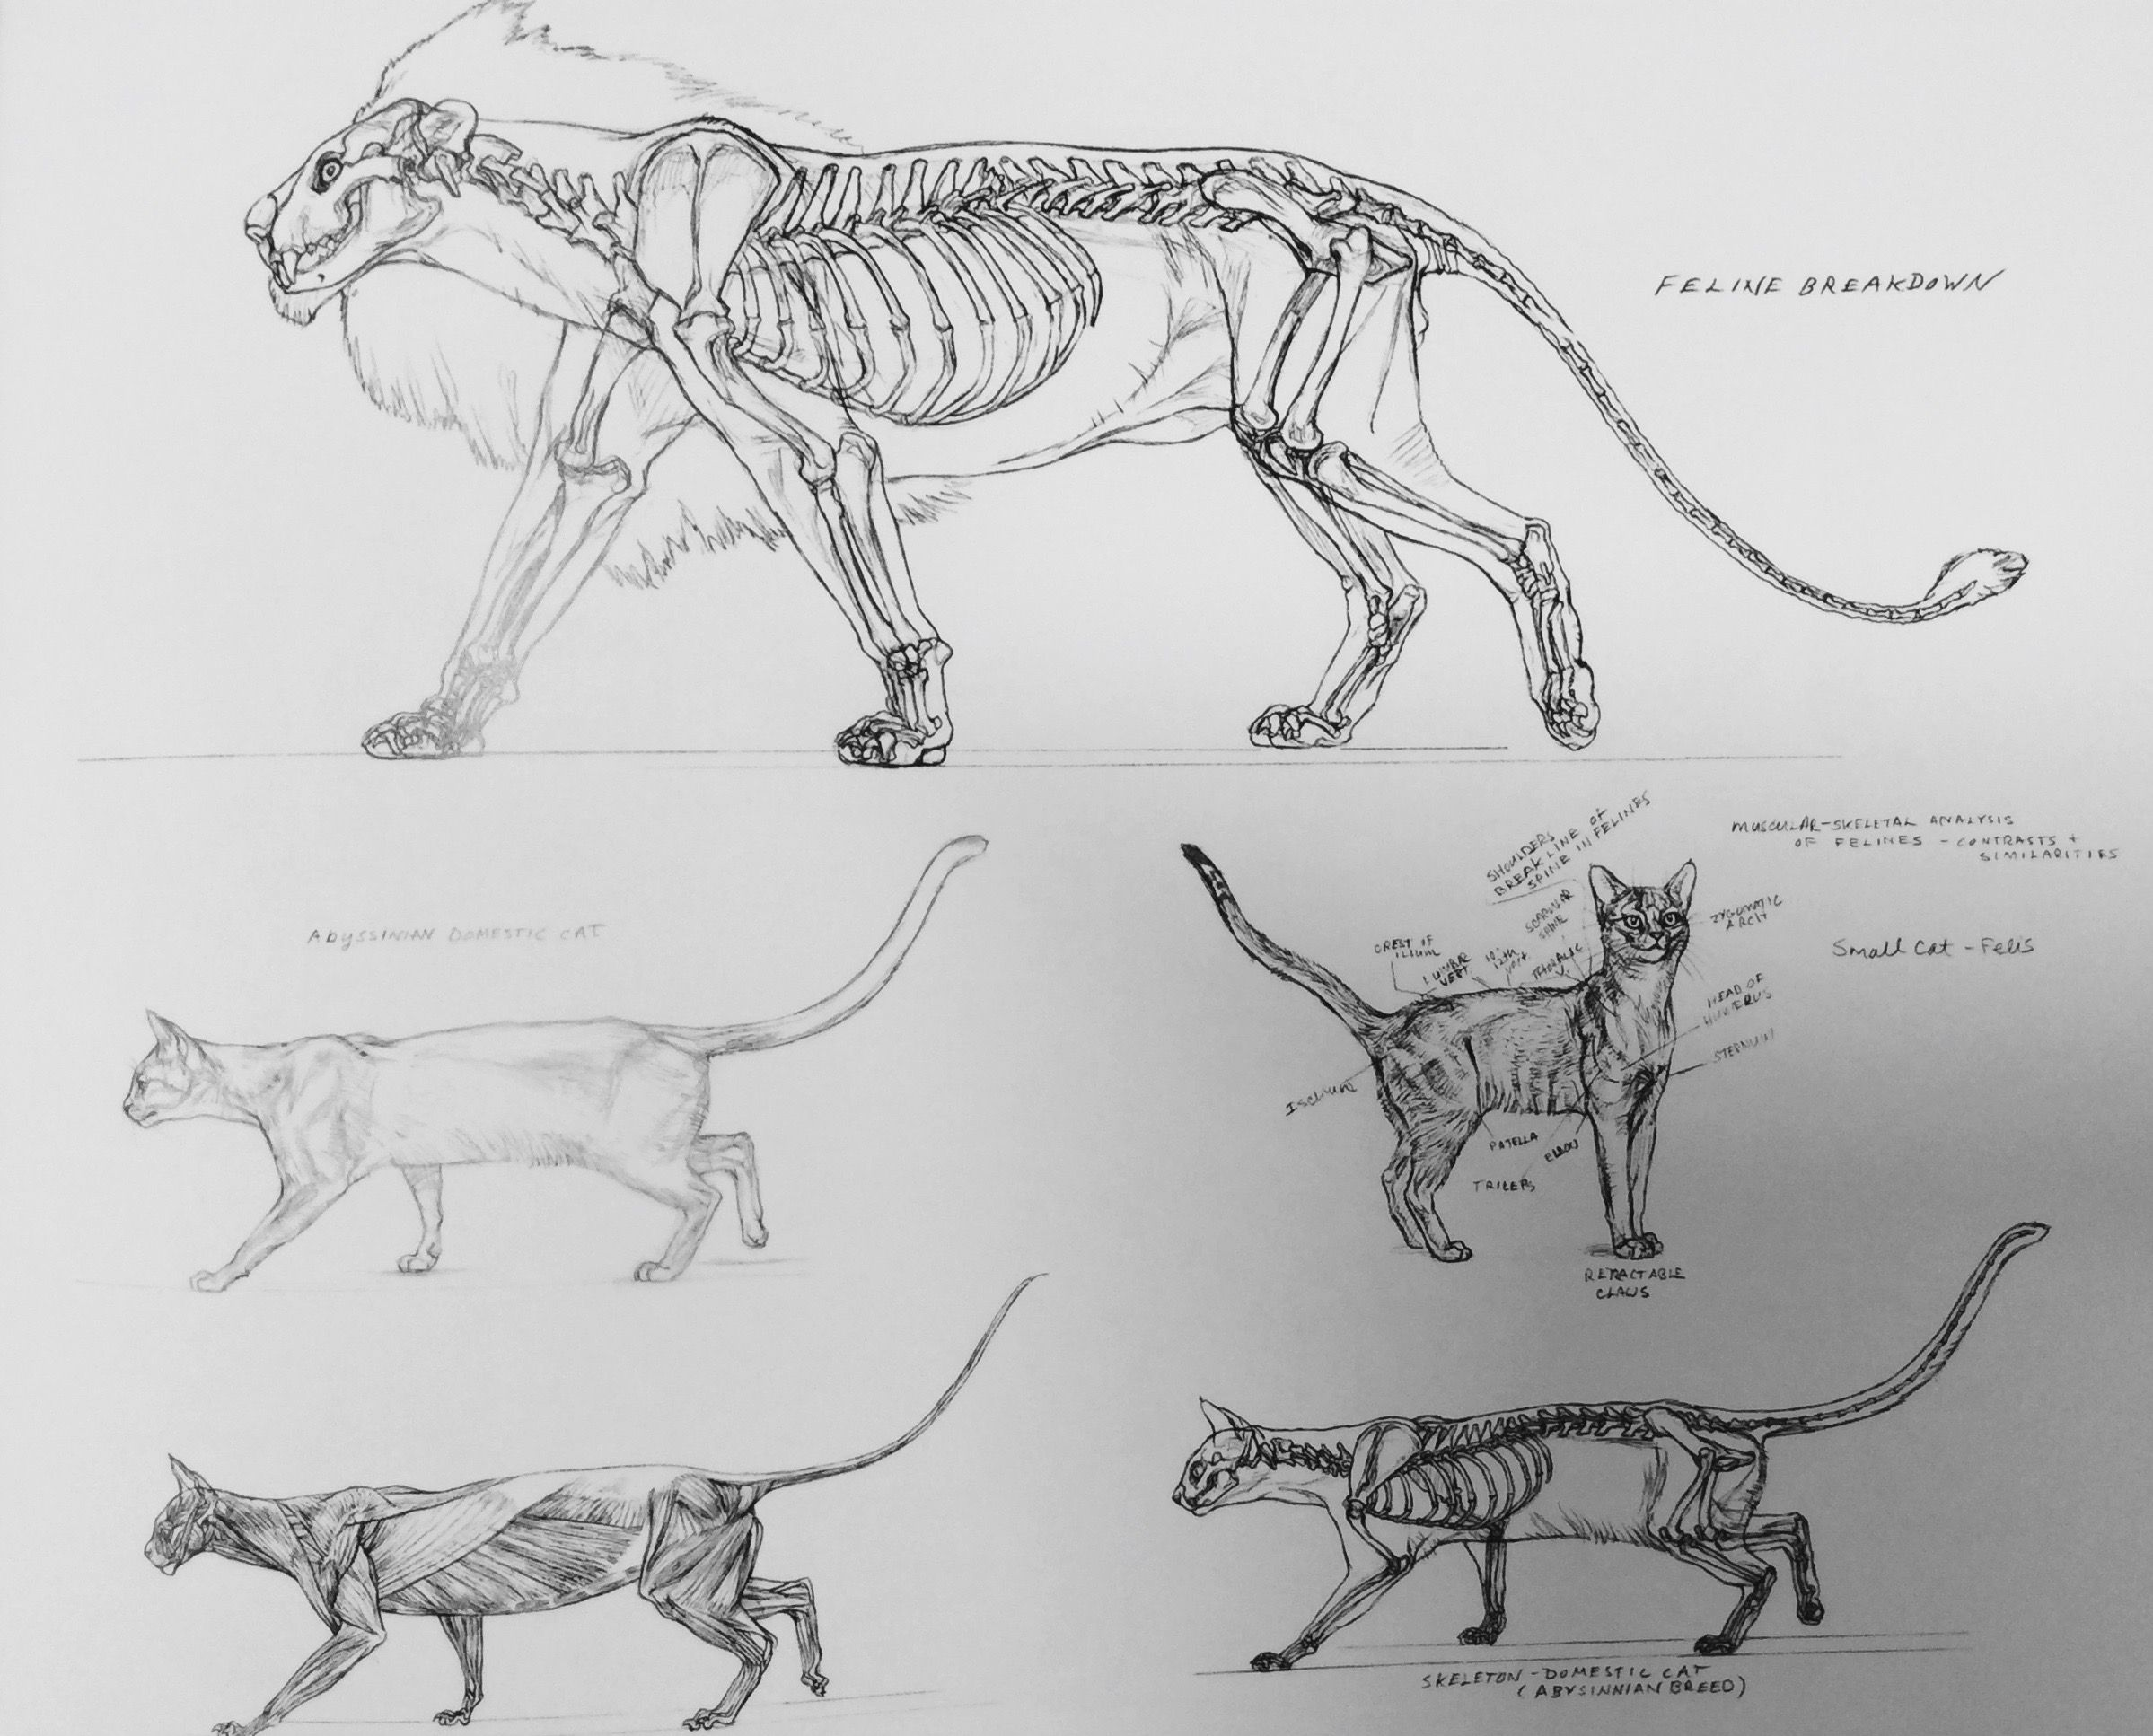 Pin By Marc Vervoort On Tekeningen Van Dieren Animal Drawings